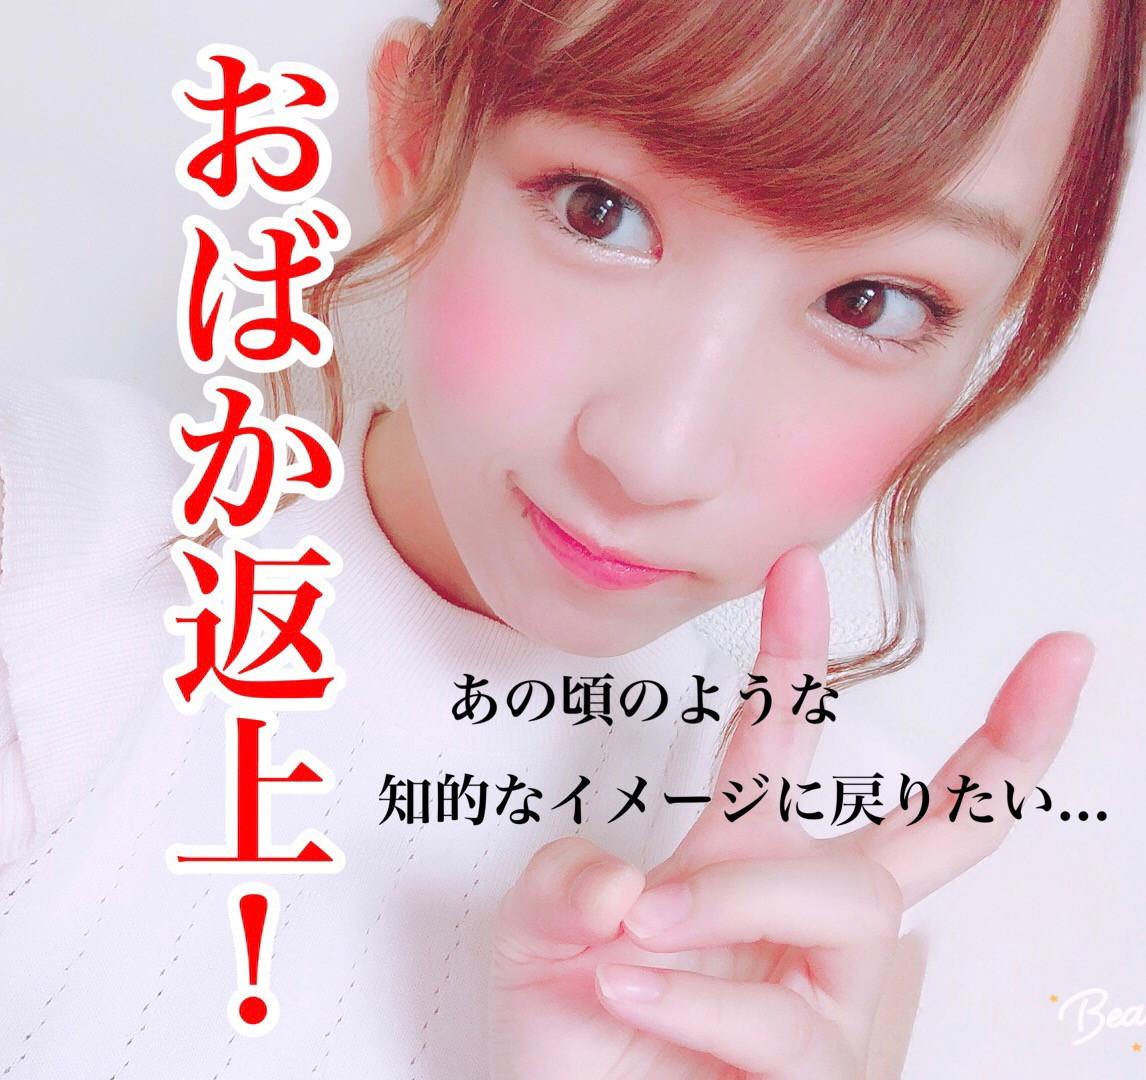 11/10(土)Shioriちゃん企画『クイズデゴーゴー 学力底辺返上☆』